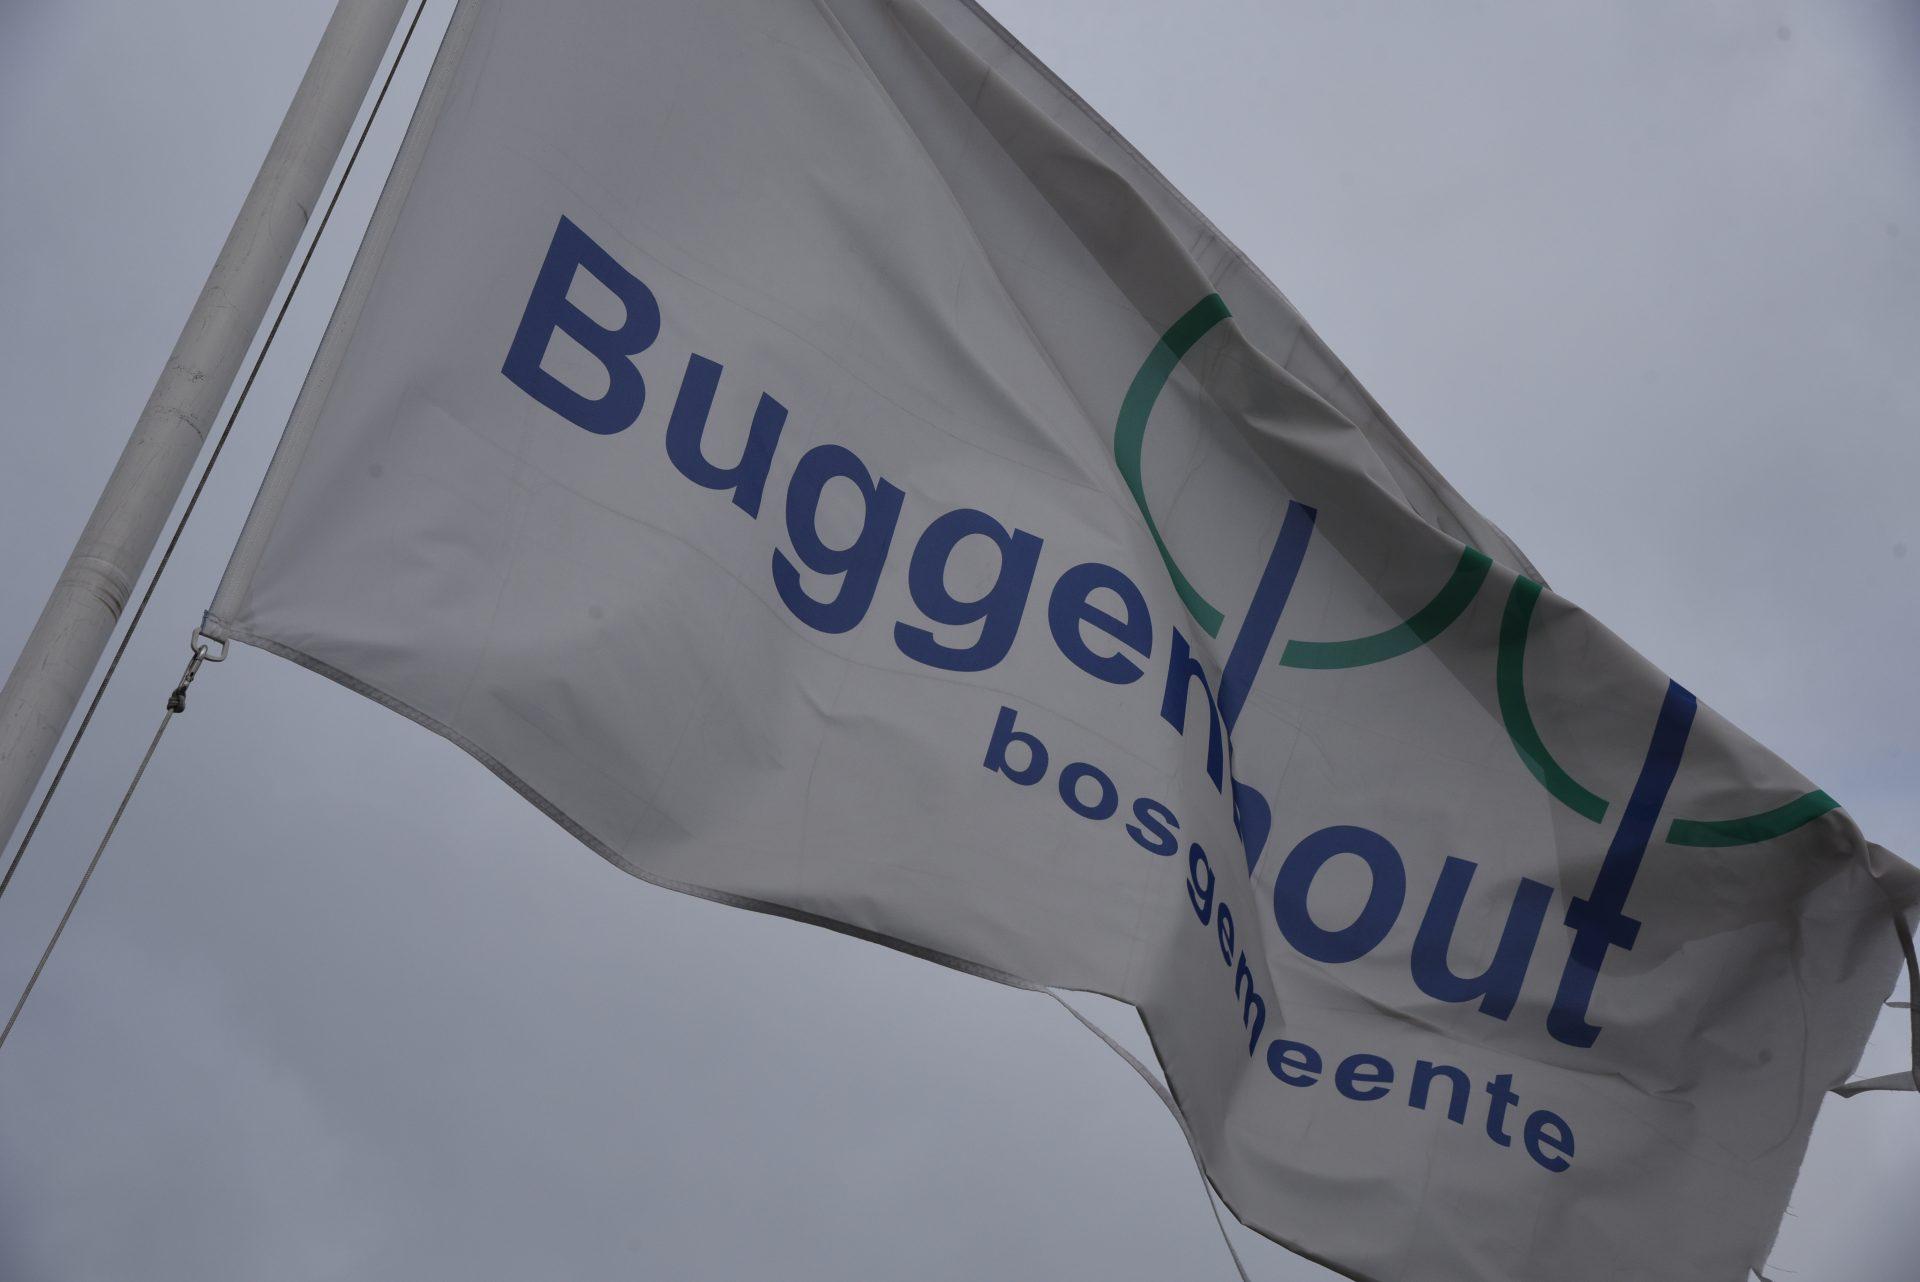 Geen fusie tussen Buggenhout en Dendermonde